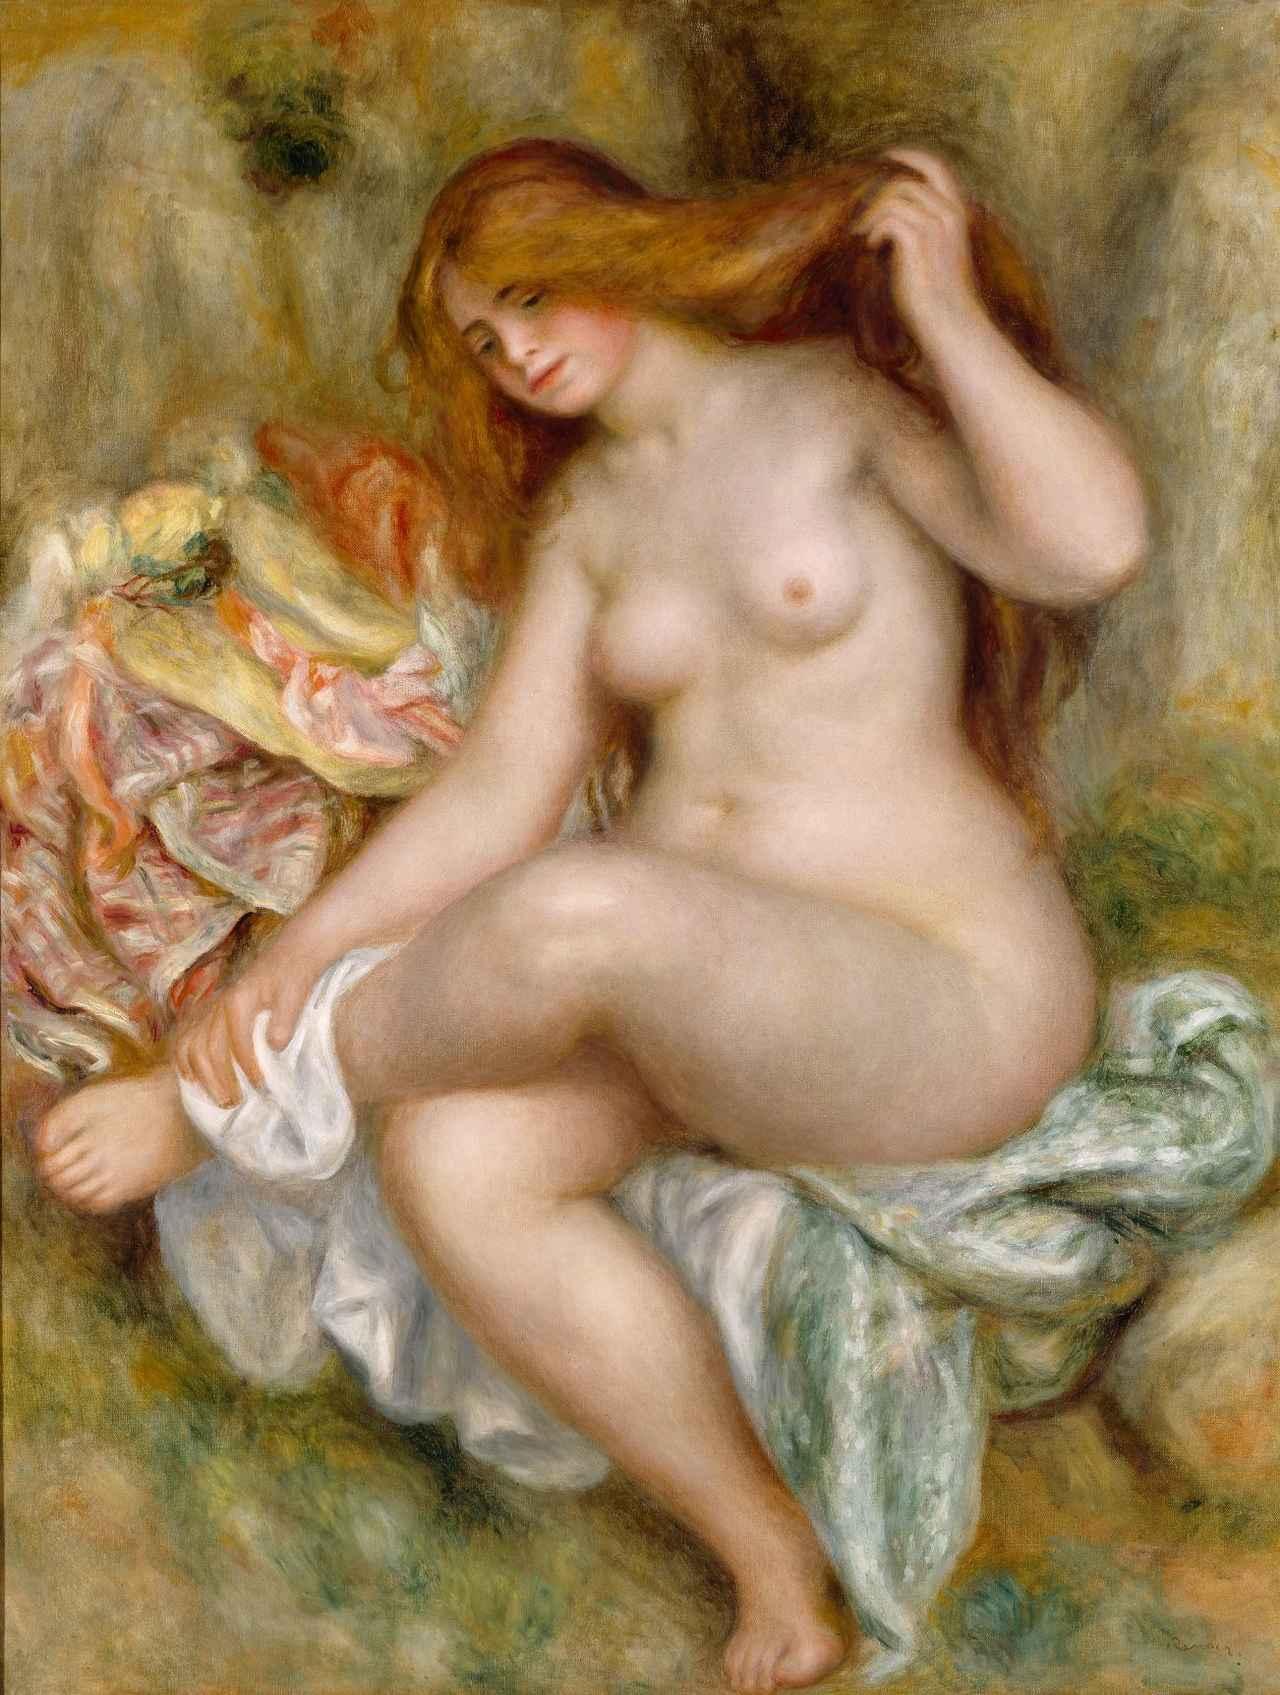 画像: 「座る浴女」 ピエール・オーギュスト・ルノワール 1903-1906年 Bequest of Robert H. Tannahill